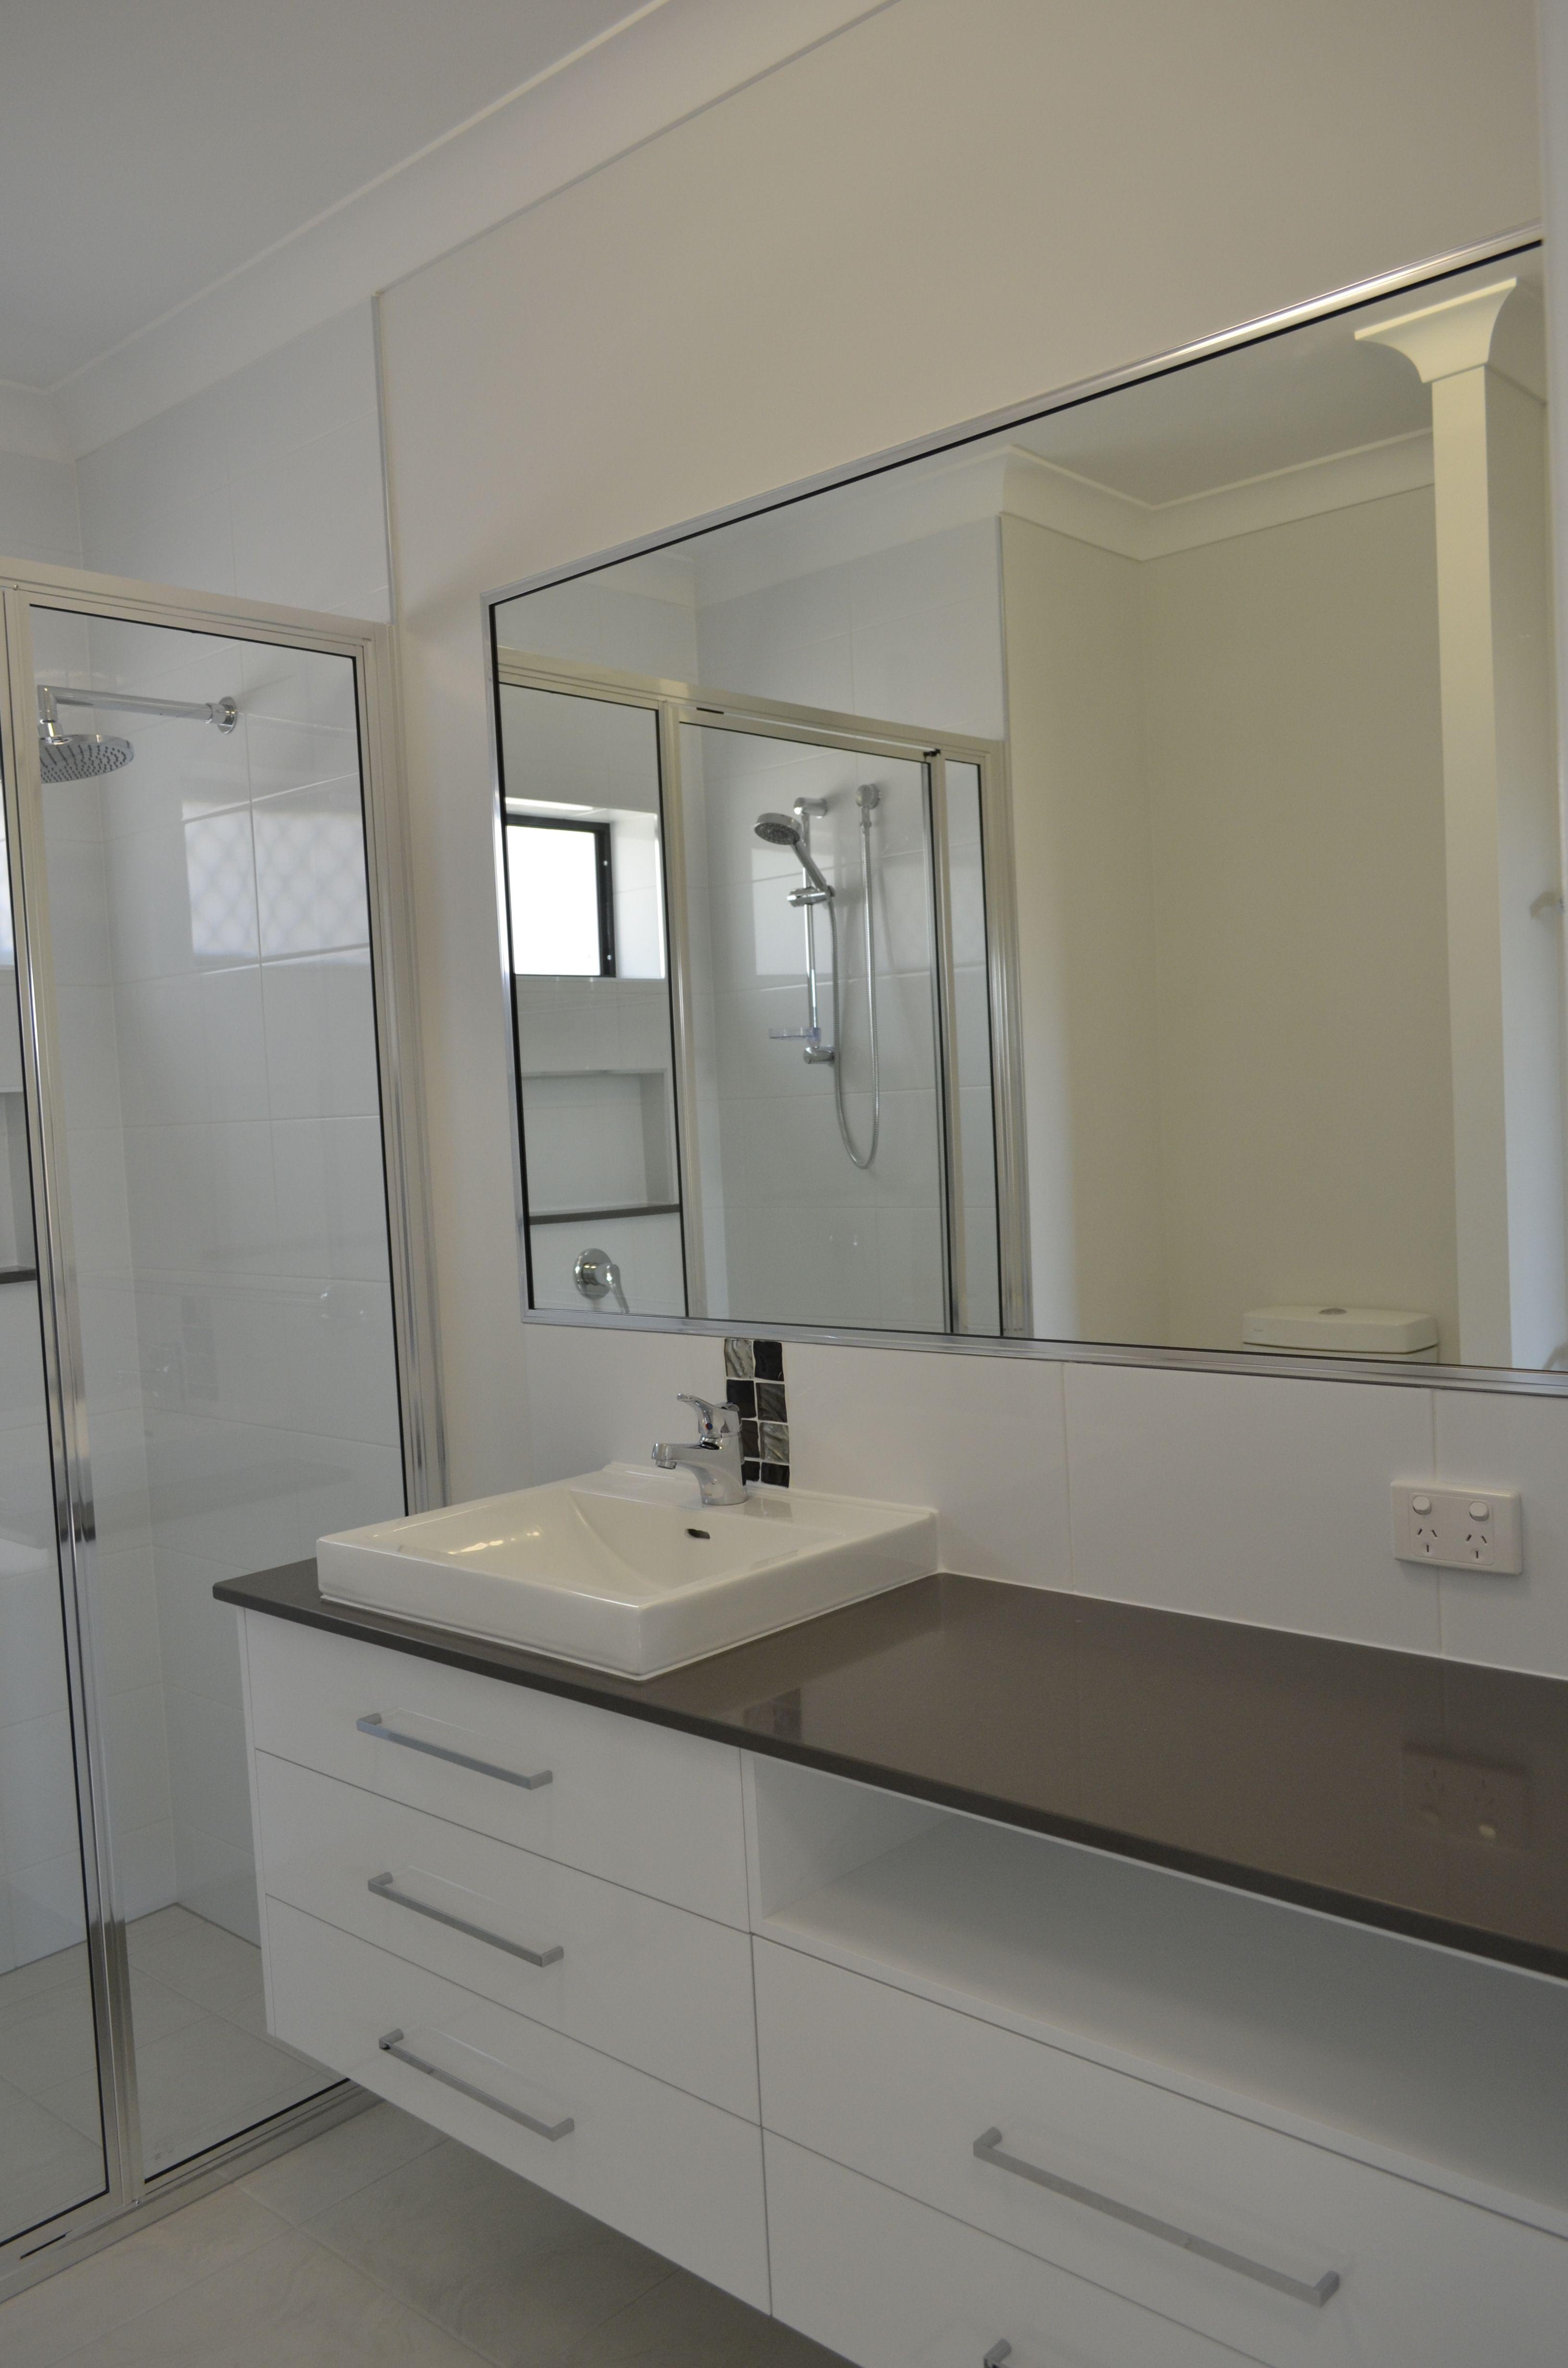 Bathroom Ensuite Vanity With Wide Horizontal Storage Drawers